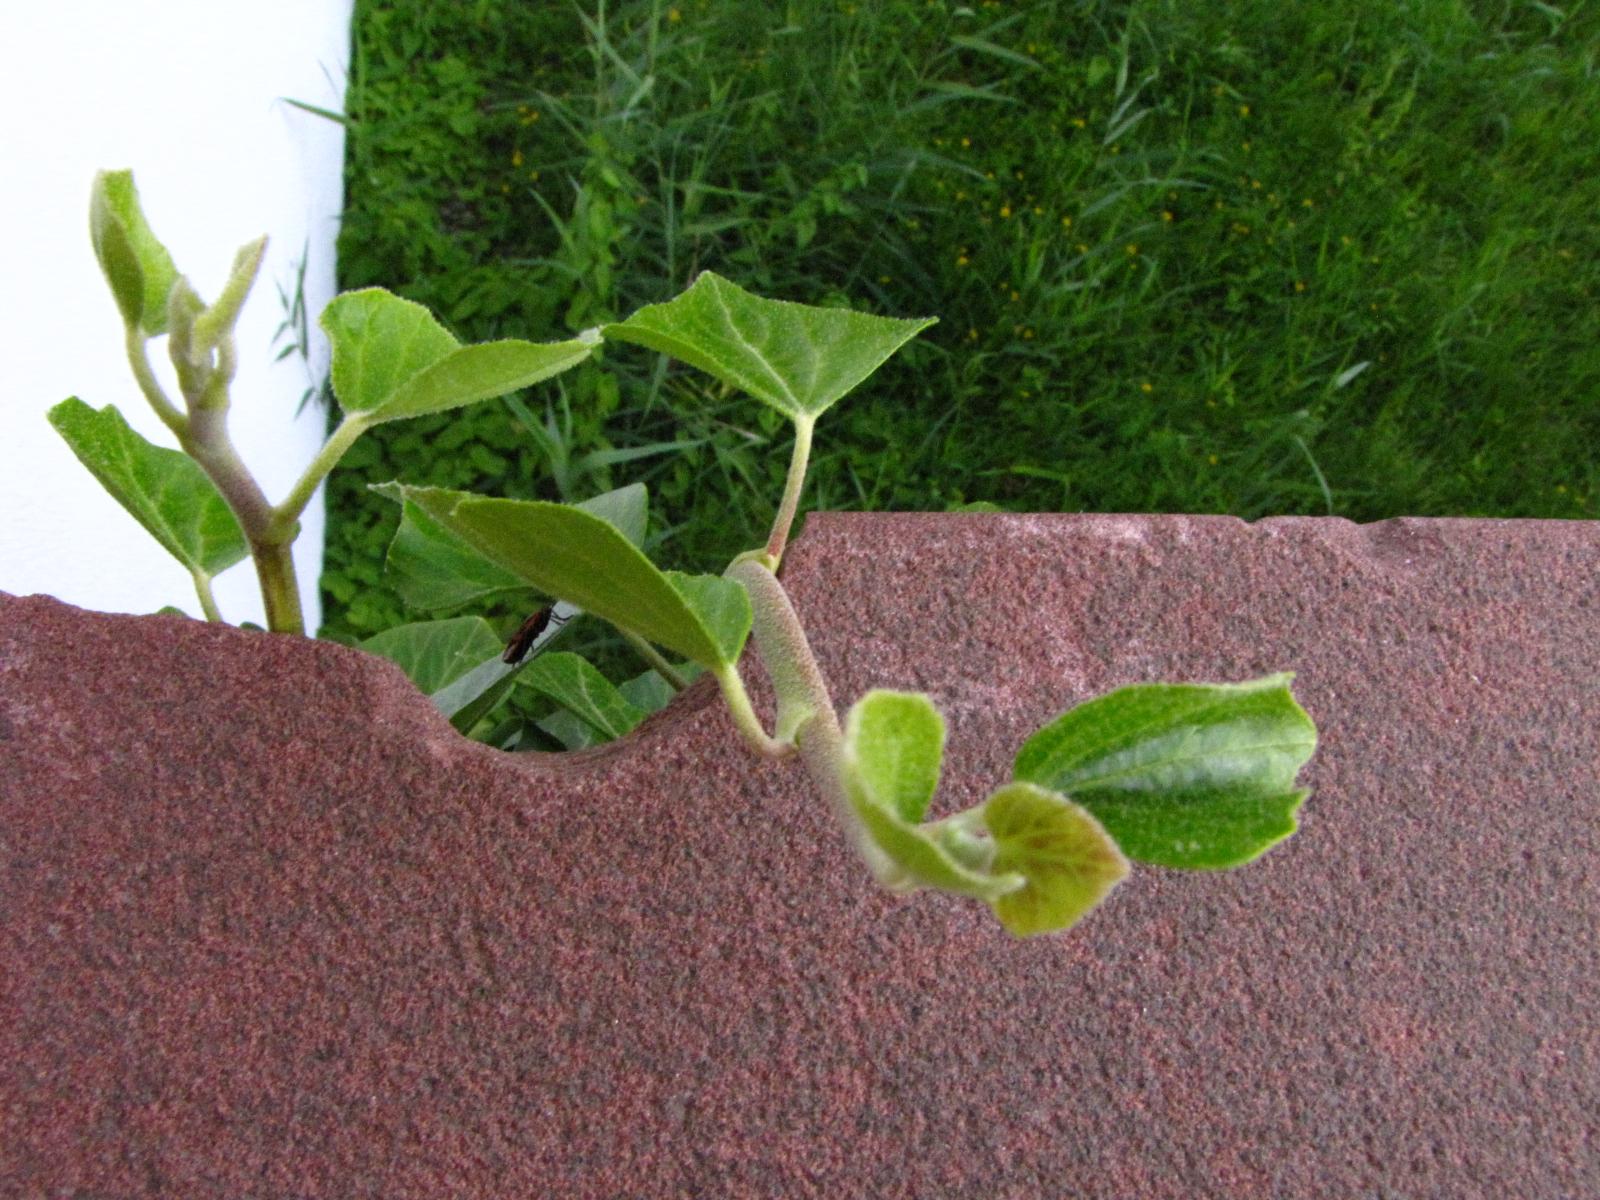 Ein Stück Mauer mit einer halbrunden Einkerbung, durch die grüner Efeu wächst